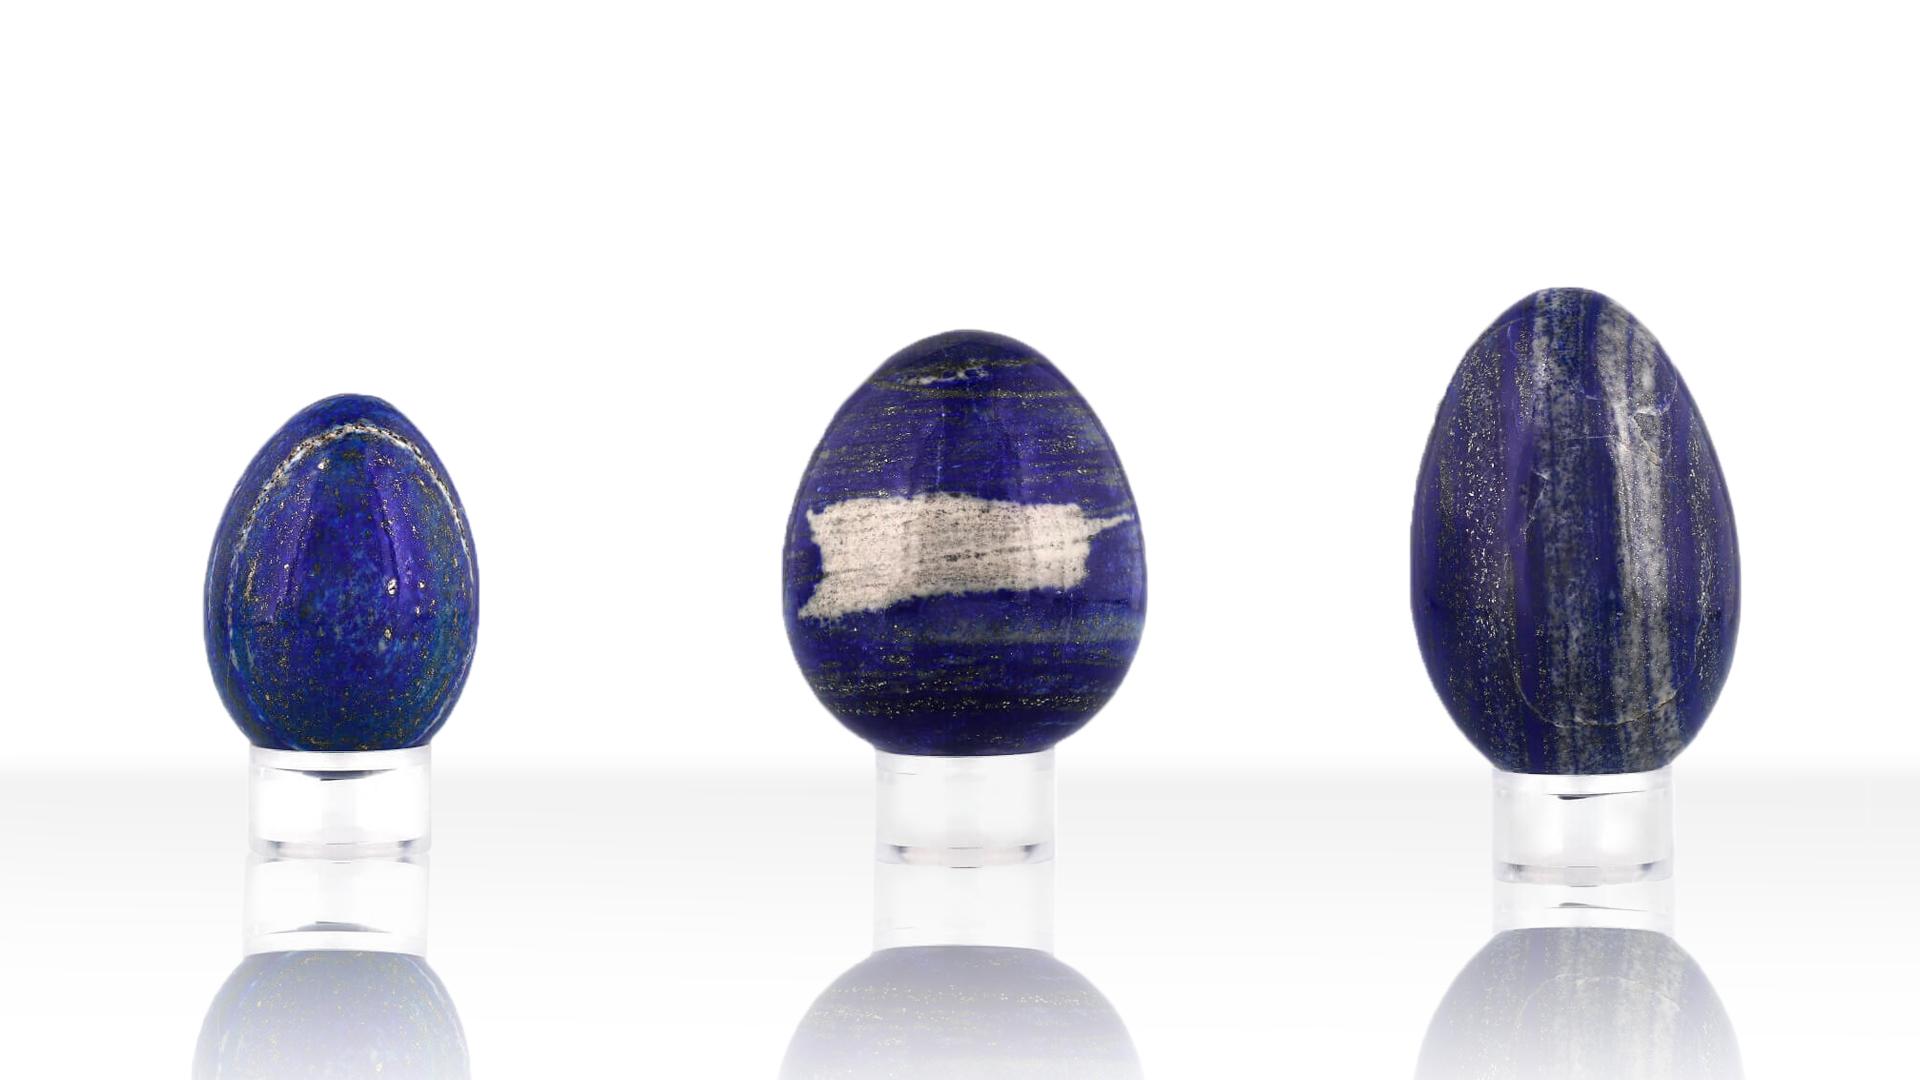 Oeufs de Lapis-lazuli, photo ®Cristaux et Bien-Être, 2018